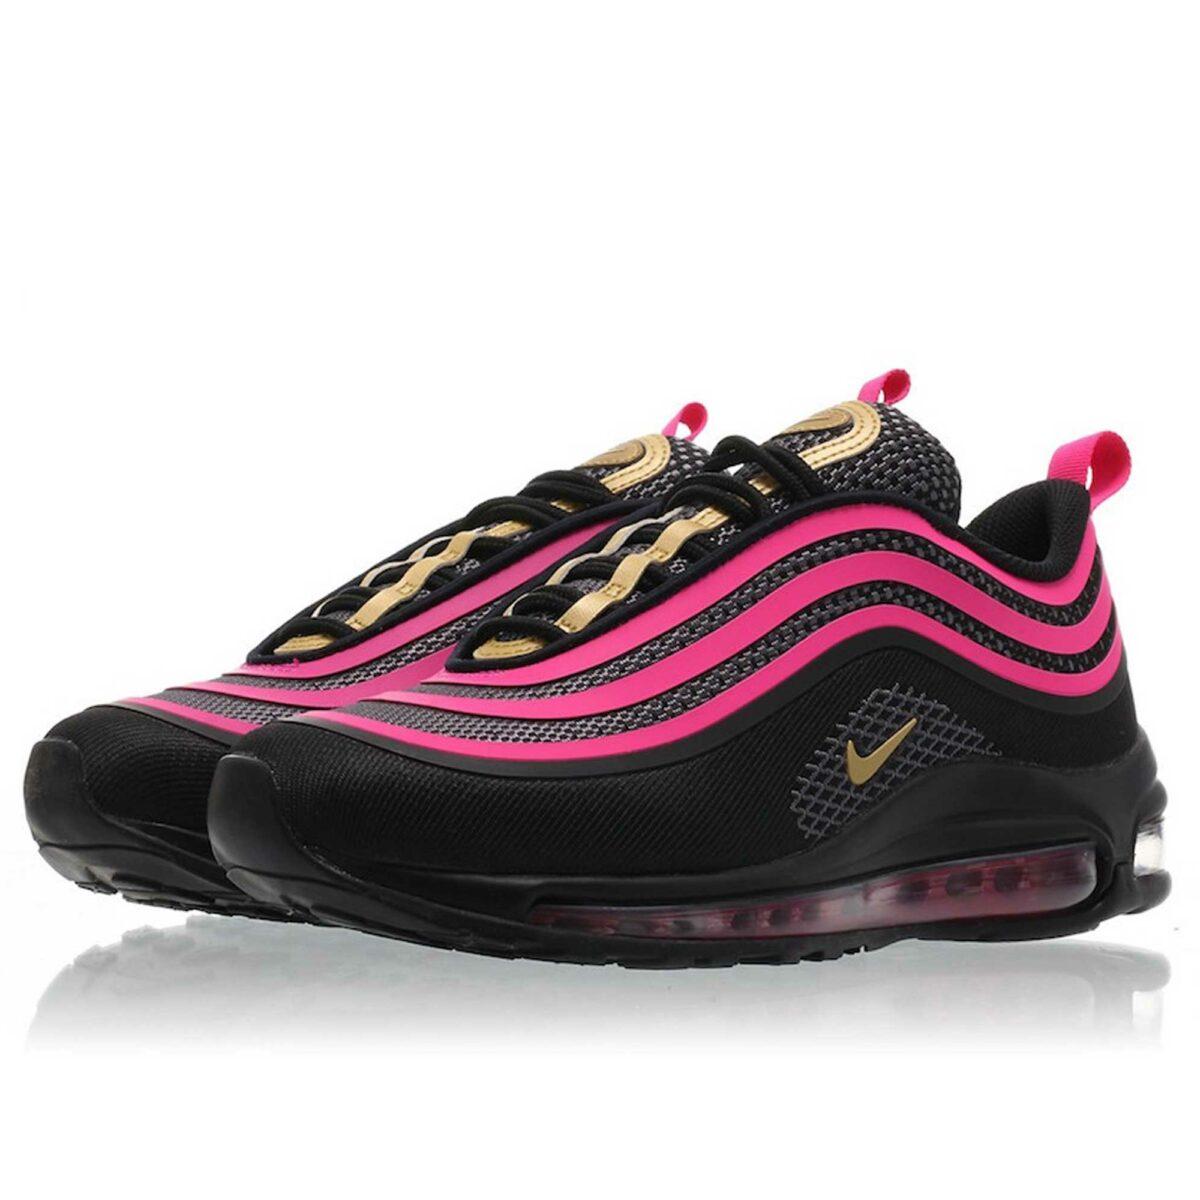 nike air max 97 ultra pink prime 917999_002 купить